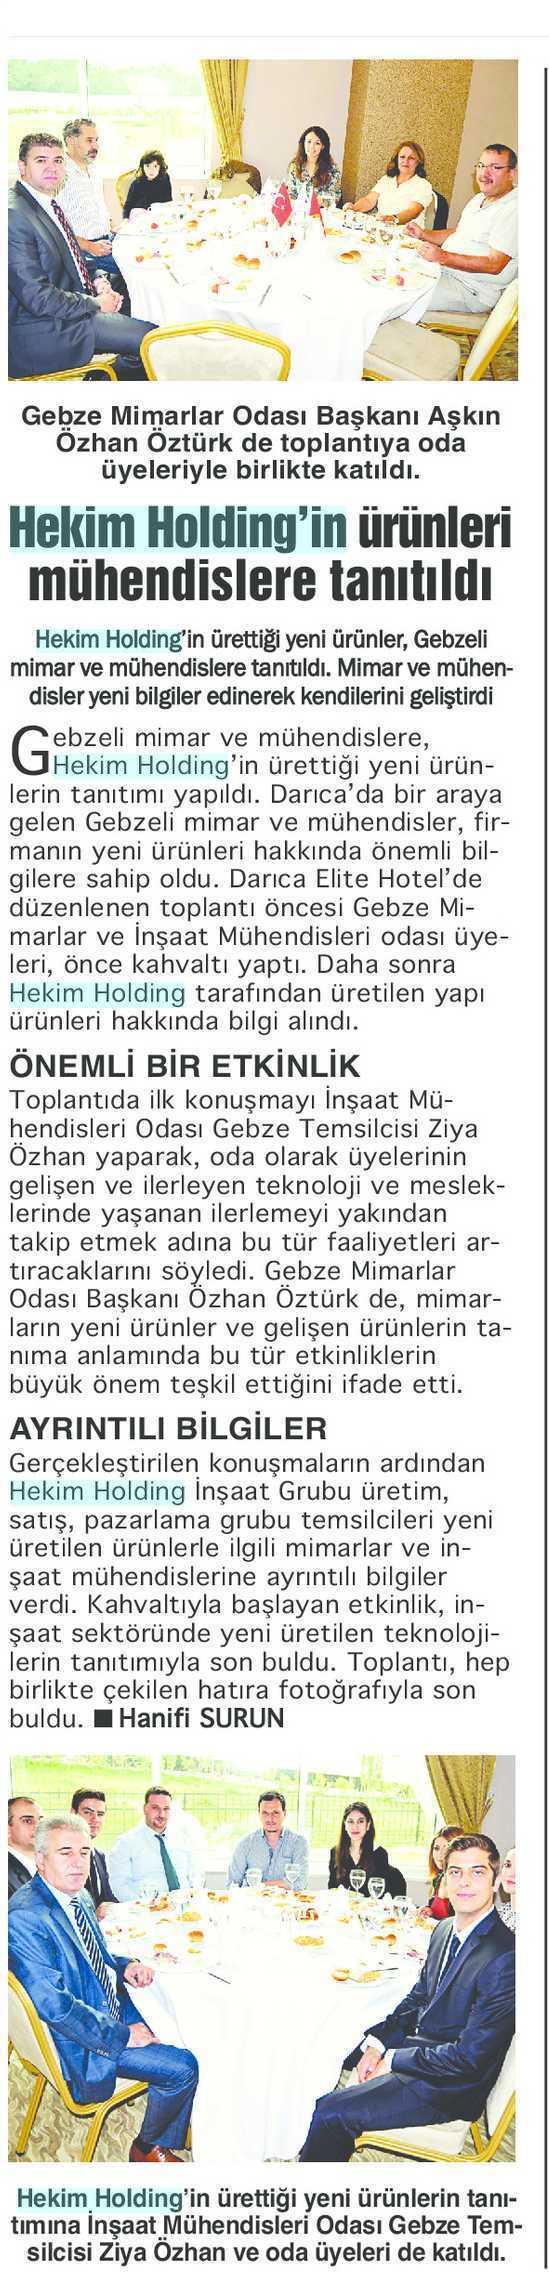 Bizim Kocaeli Newspaper